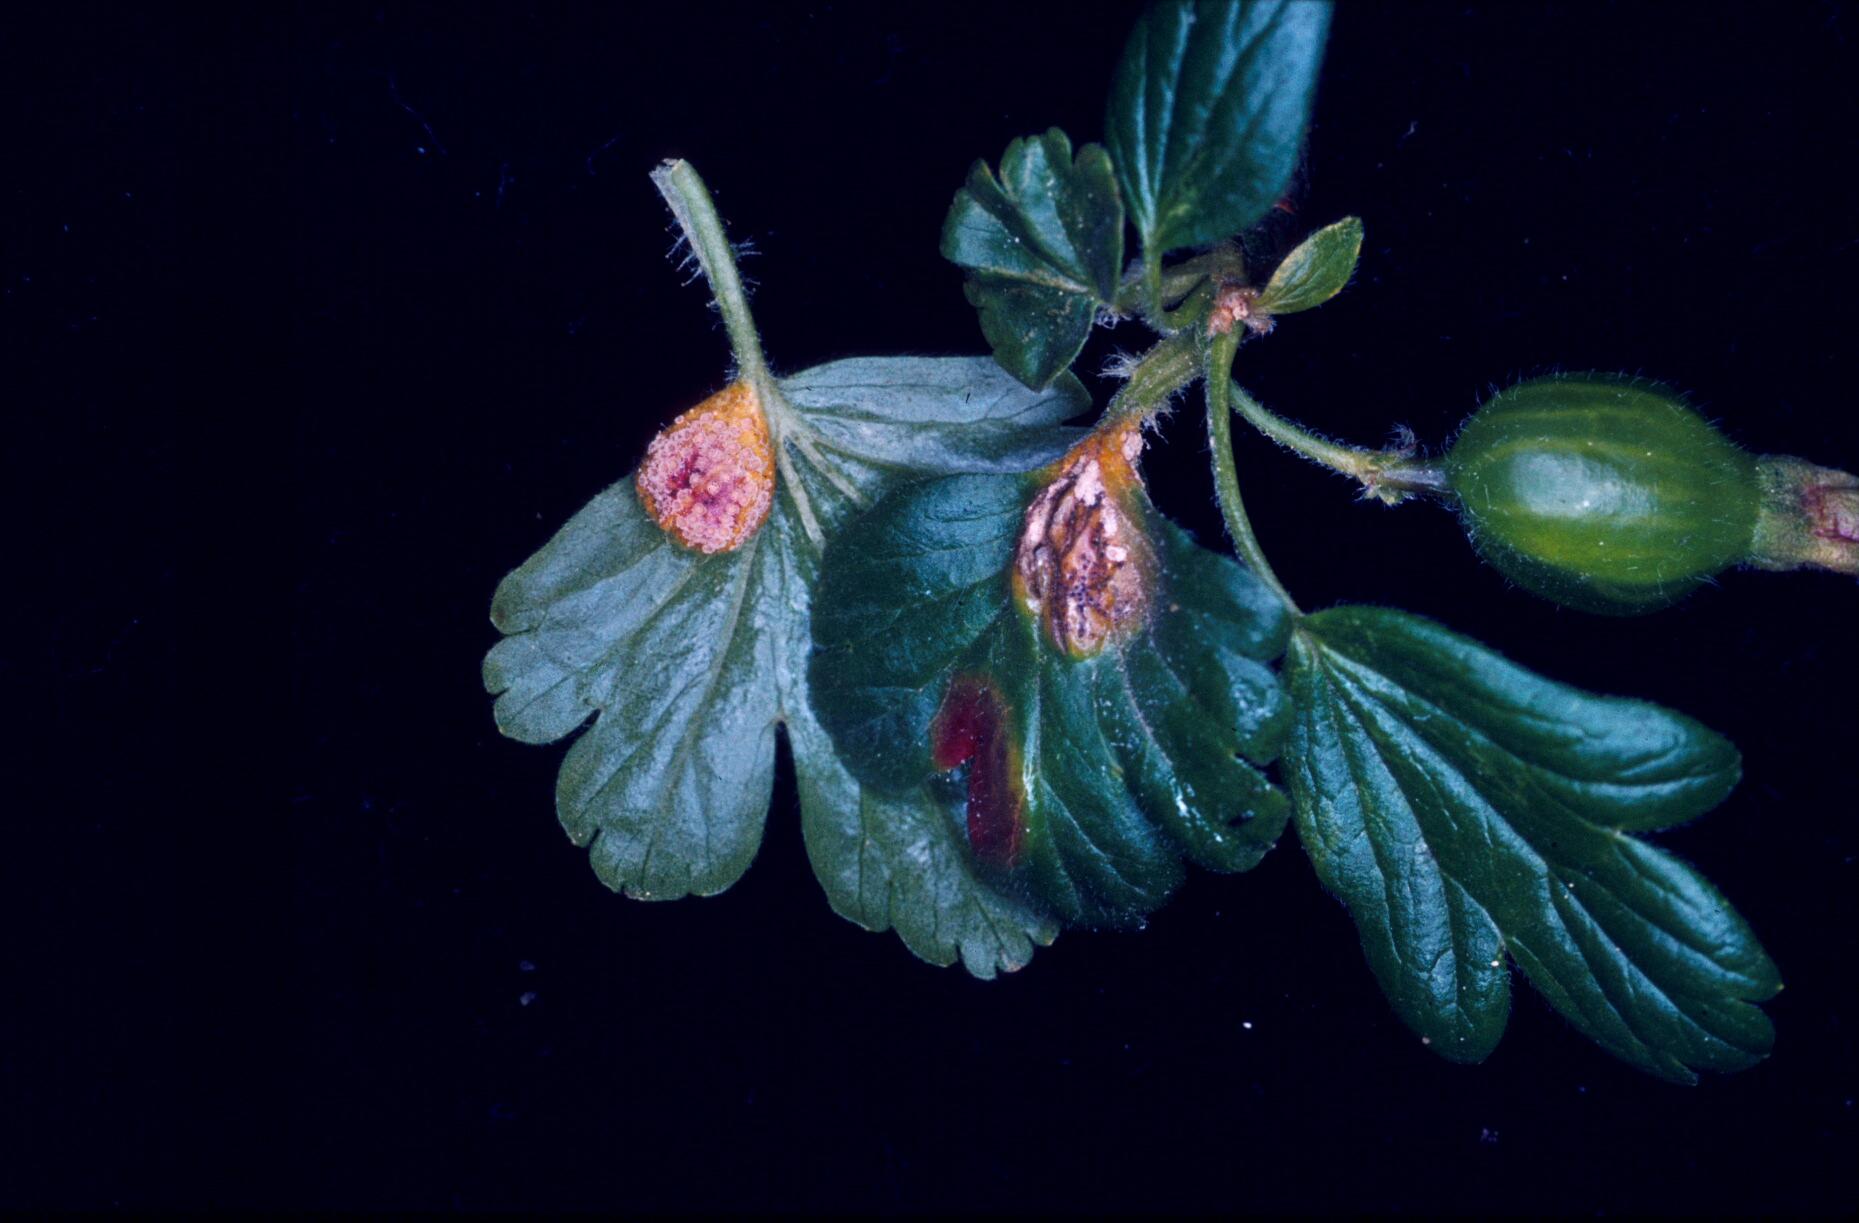 Stachelbeertriebspitze mit Blättern, davon zwei mit Stachelbeerrost befallene Blätter, und Frucht